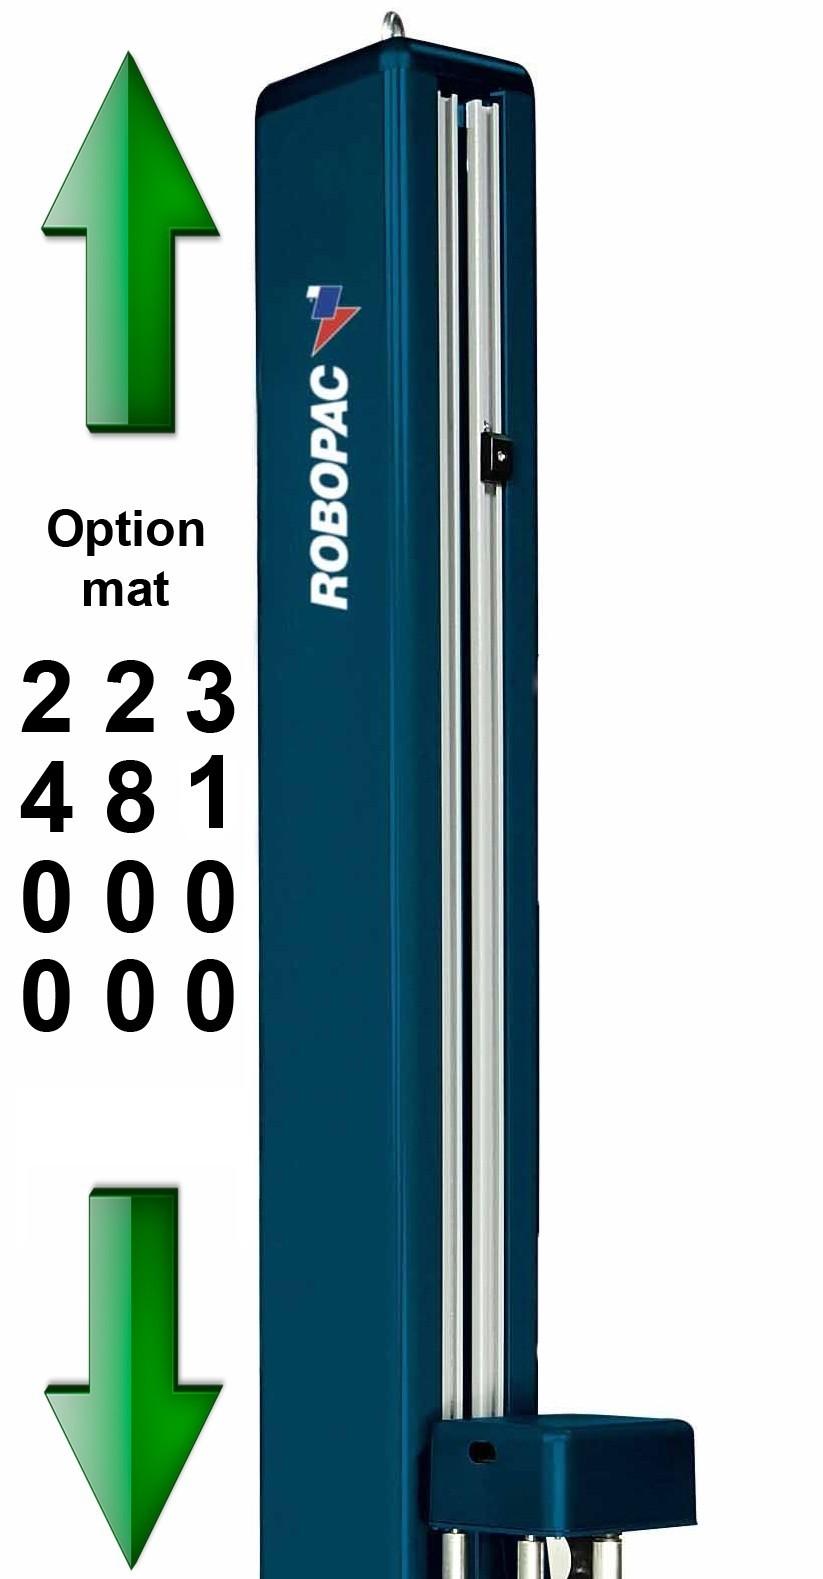 banderoleuse innovante 308 FR TP hauteur mat option